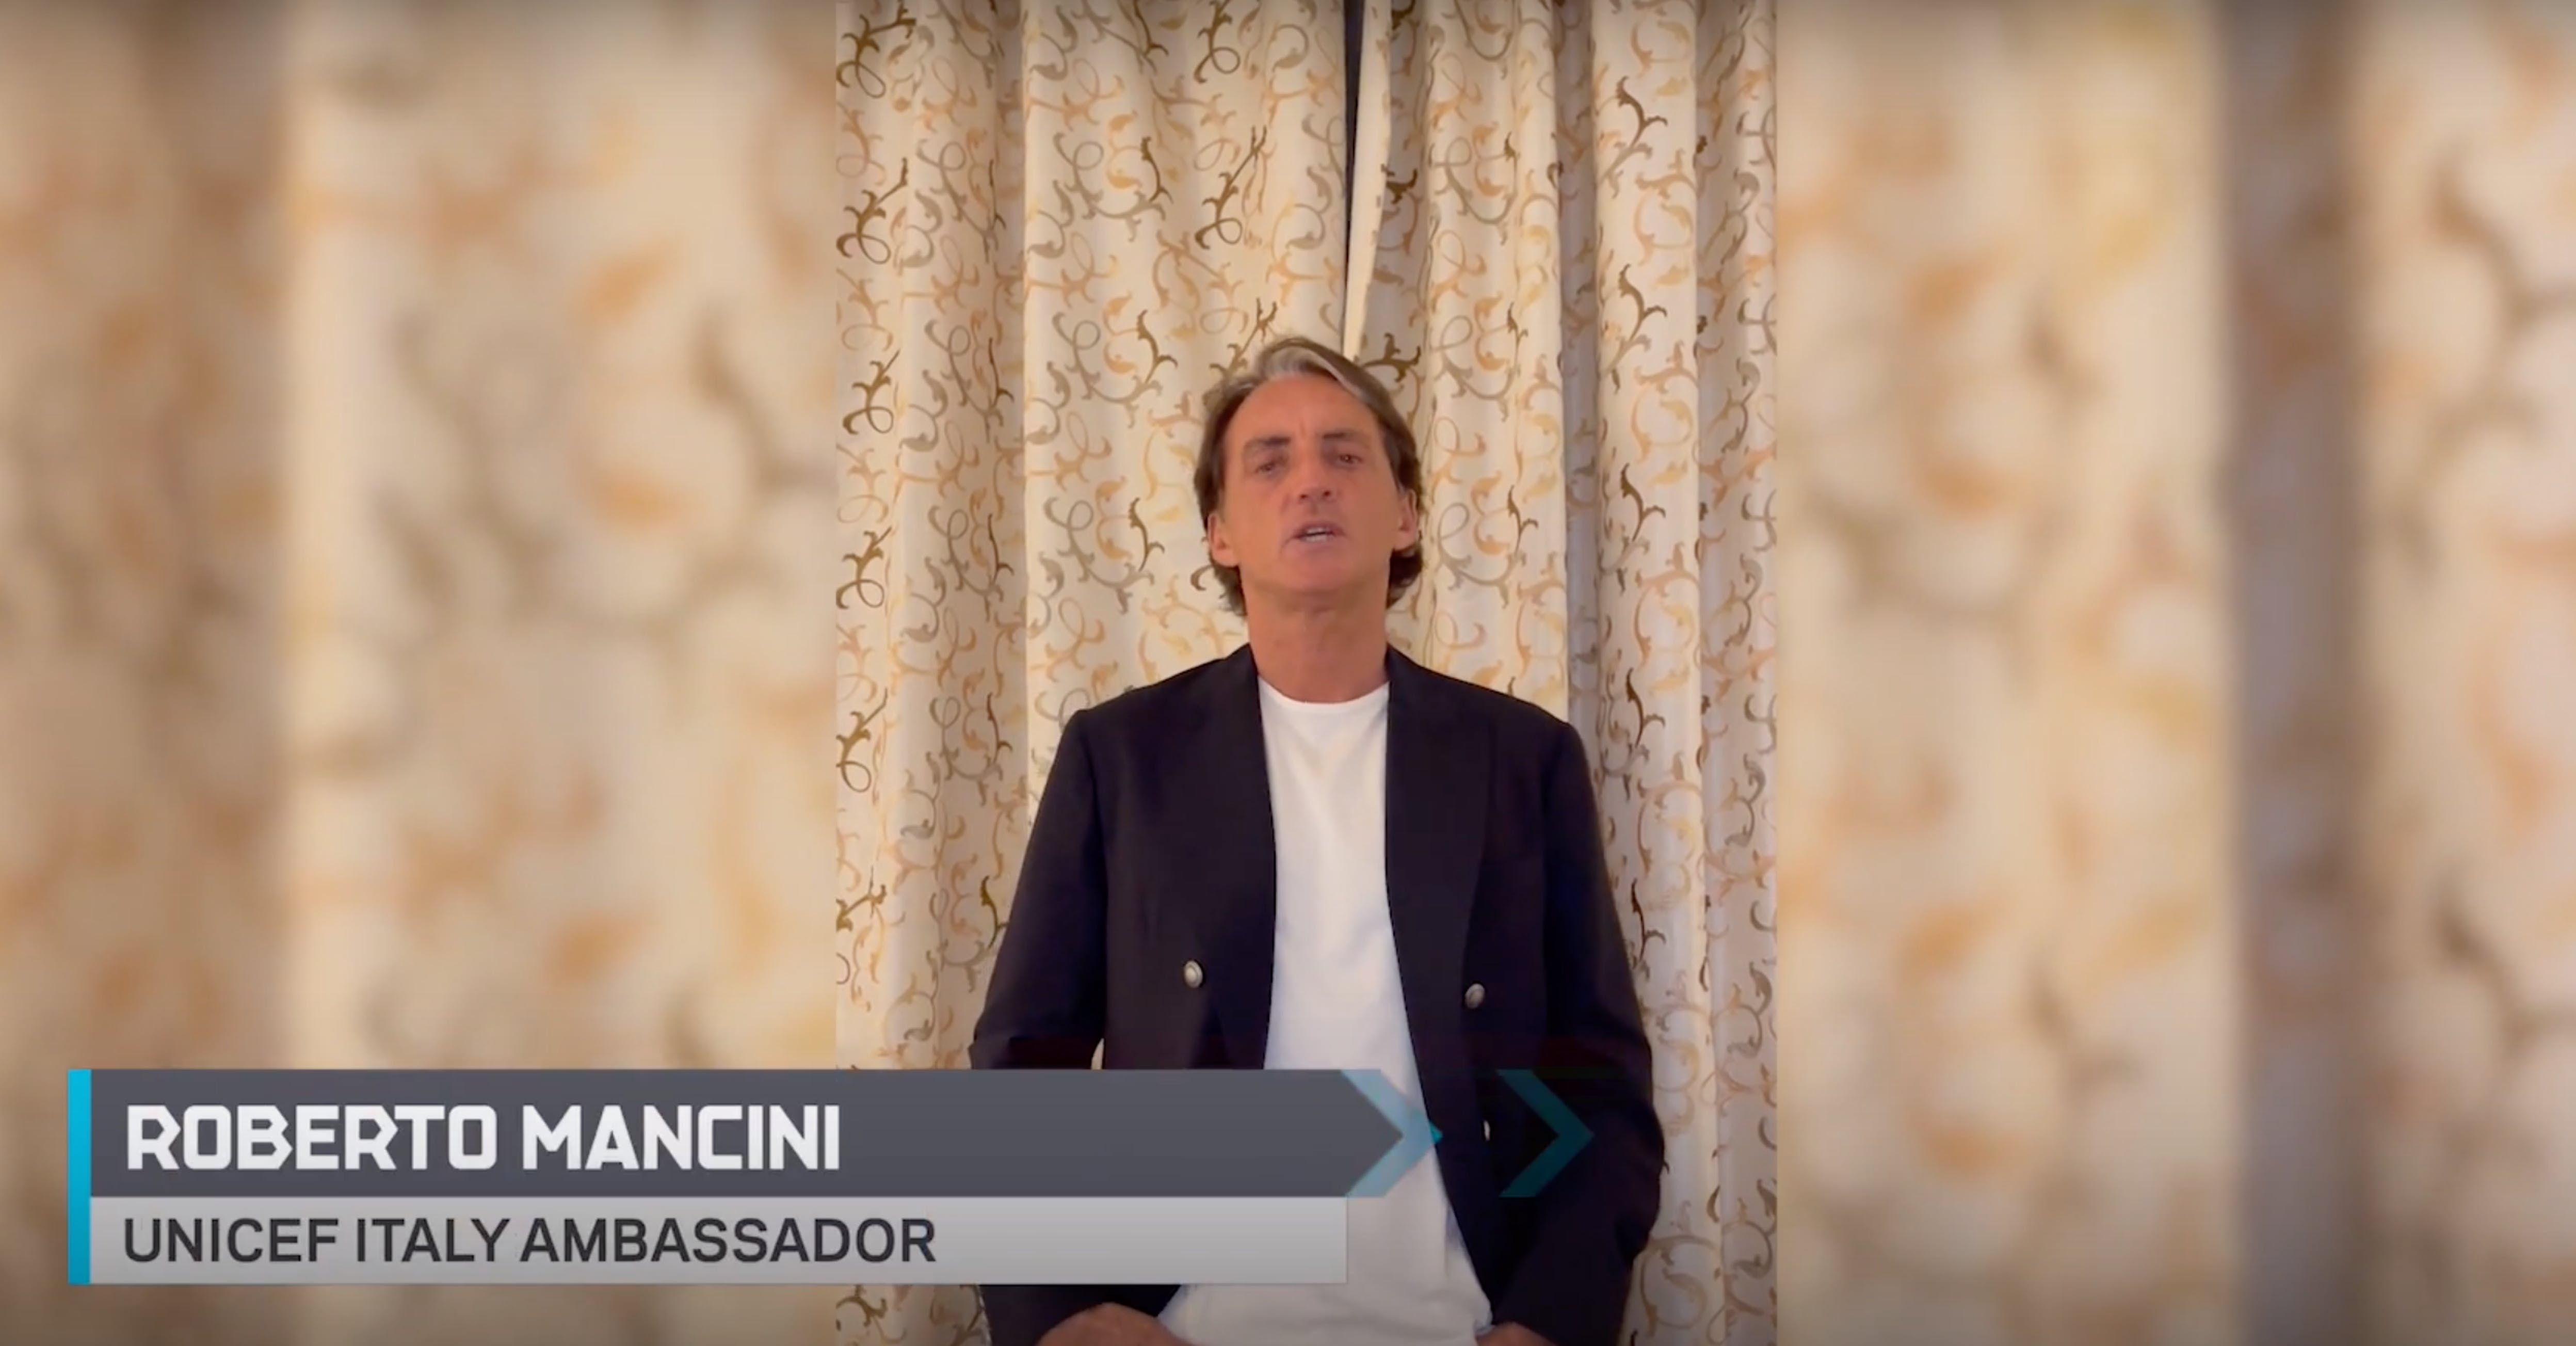 Roberto Mancini per il cambiamento climatico